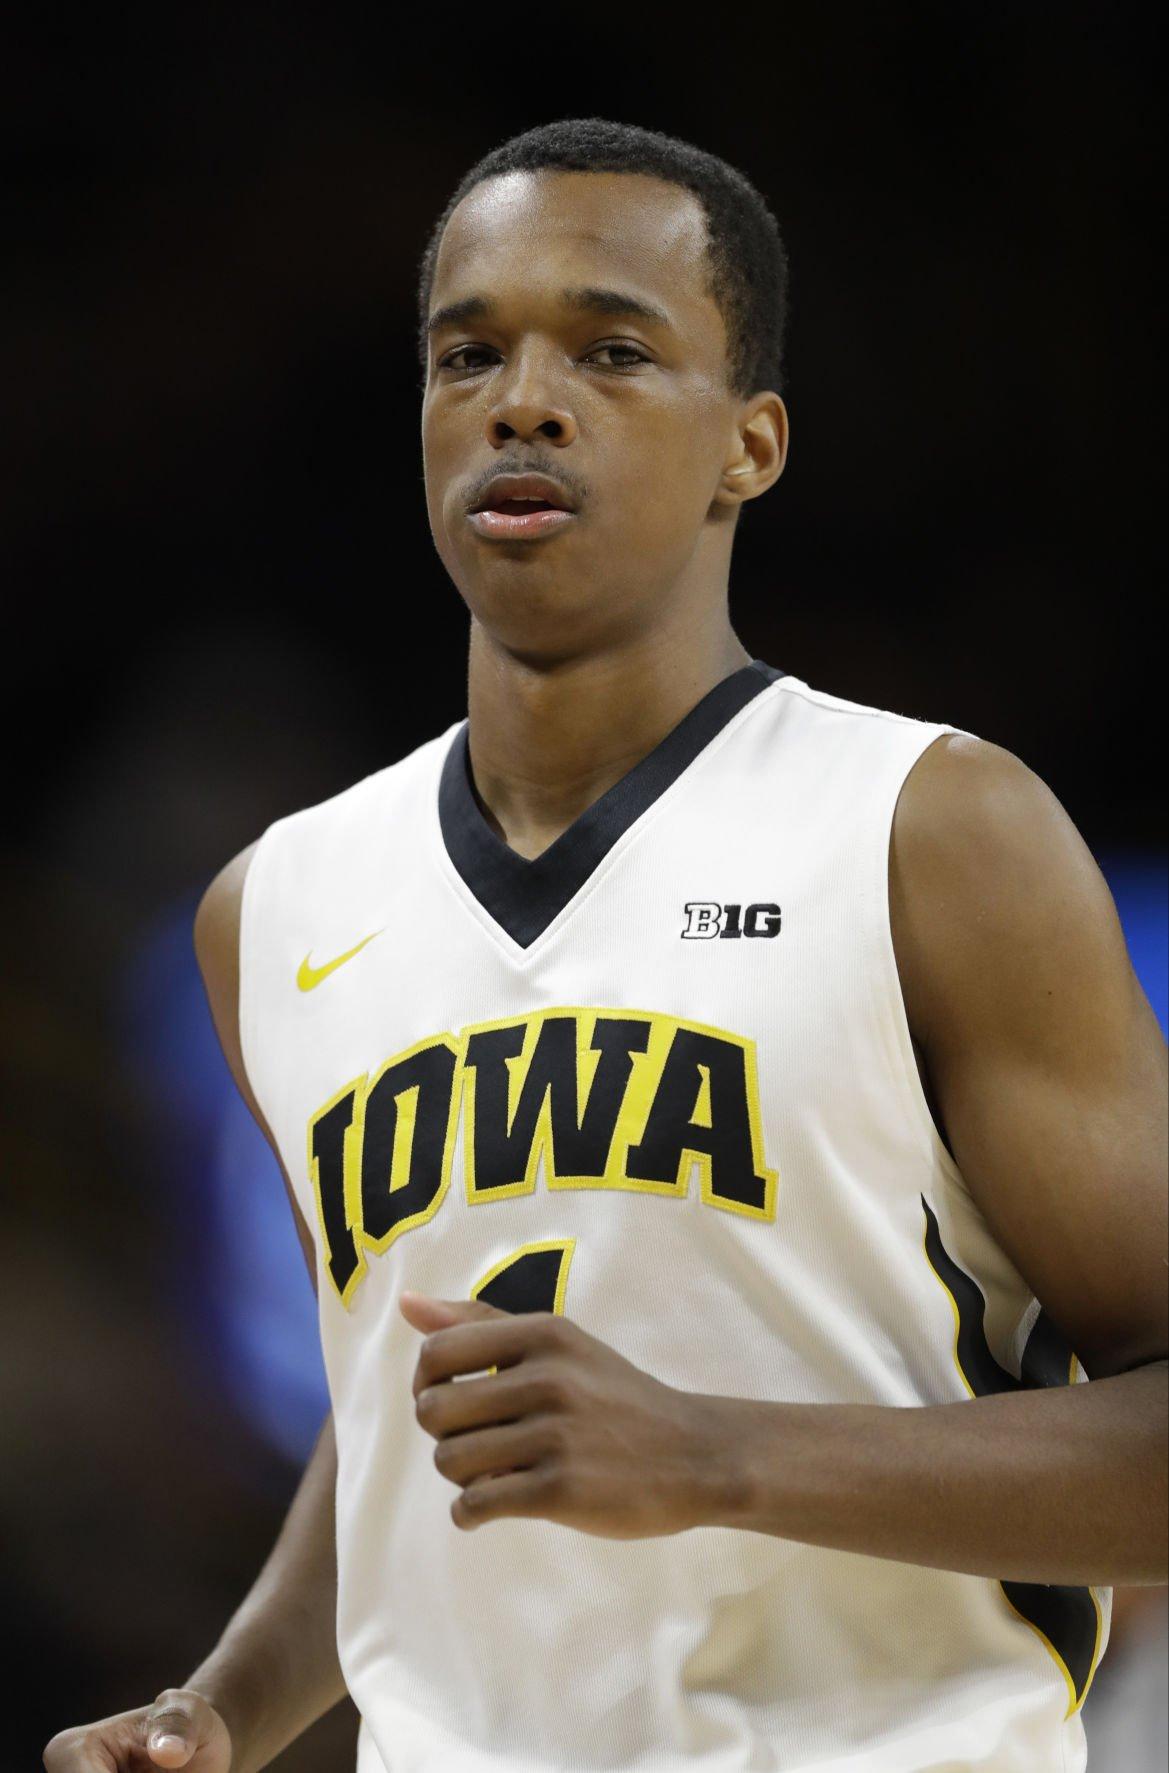 Stetson Iowa Basketball